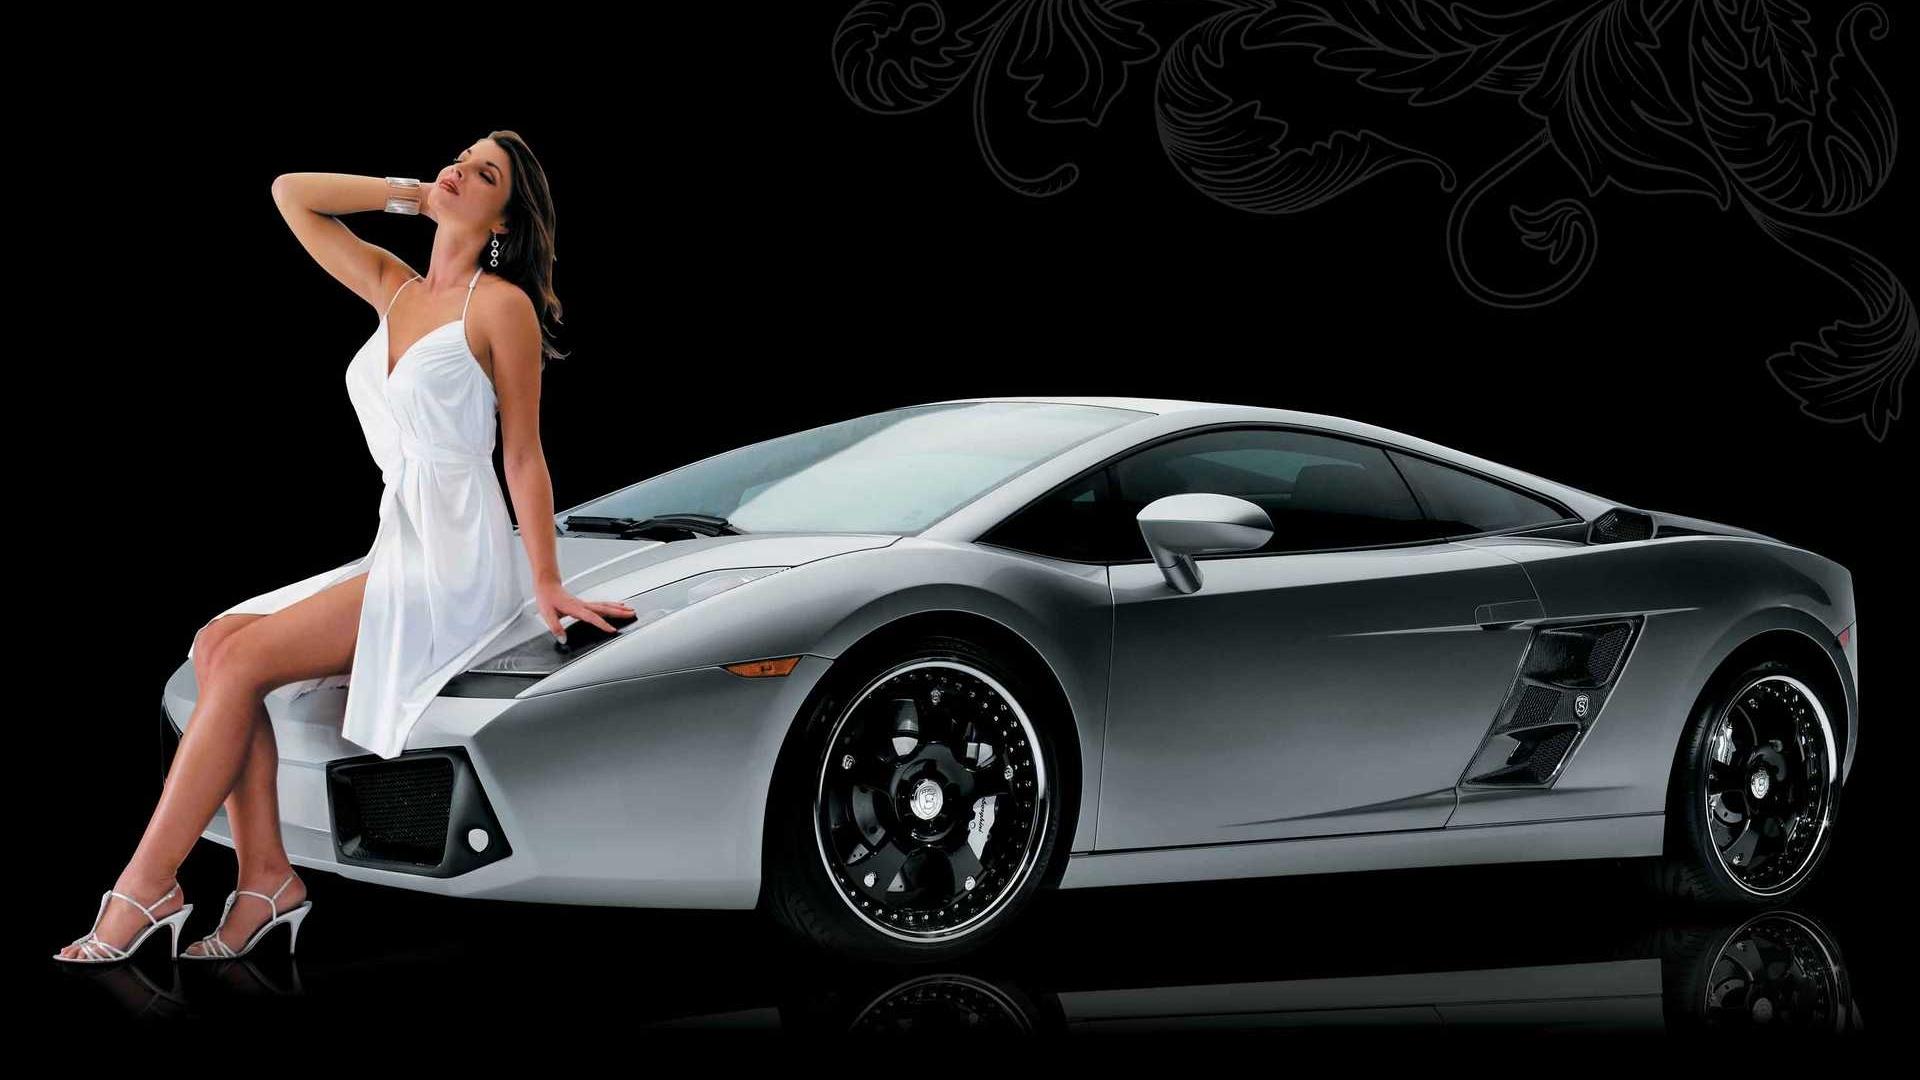 Фото: автомобили и женщины - Подборка фотографий в большом разрешении